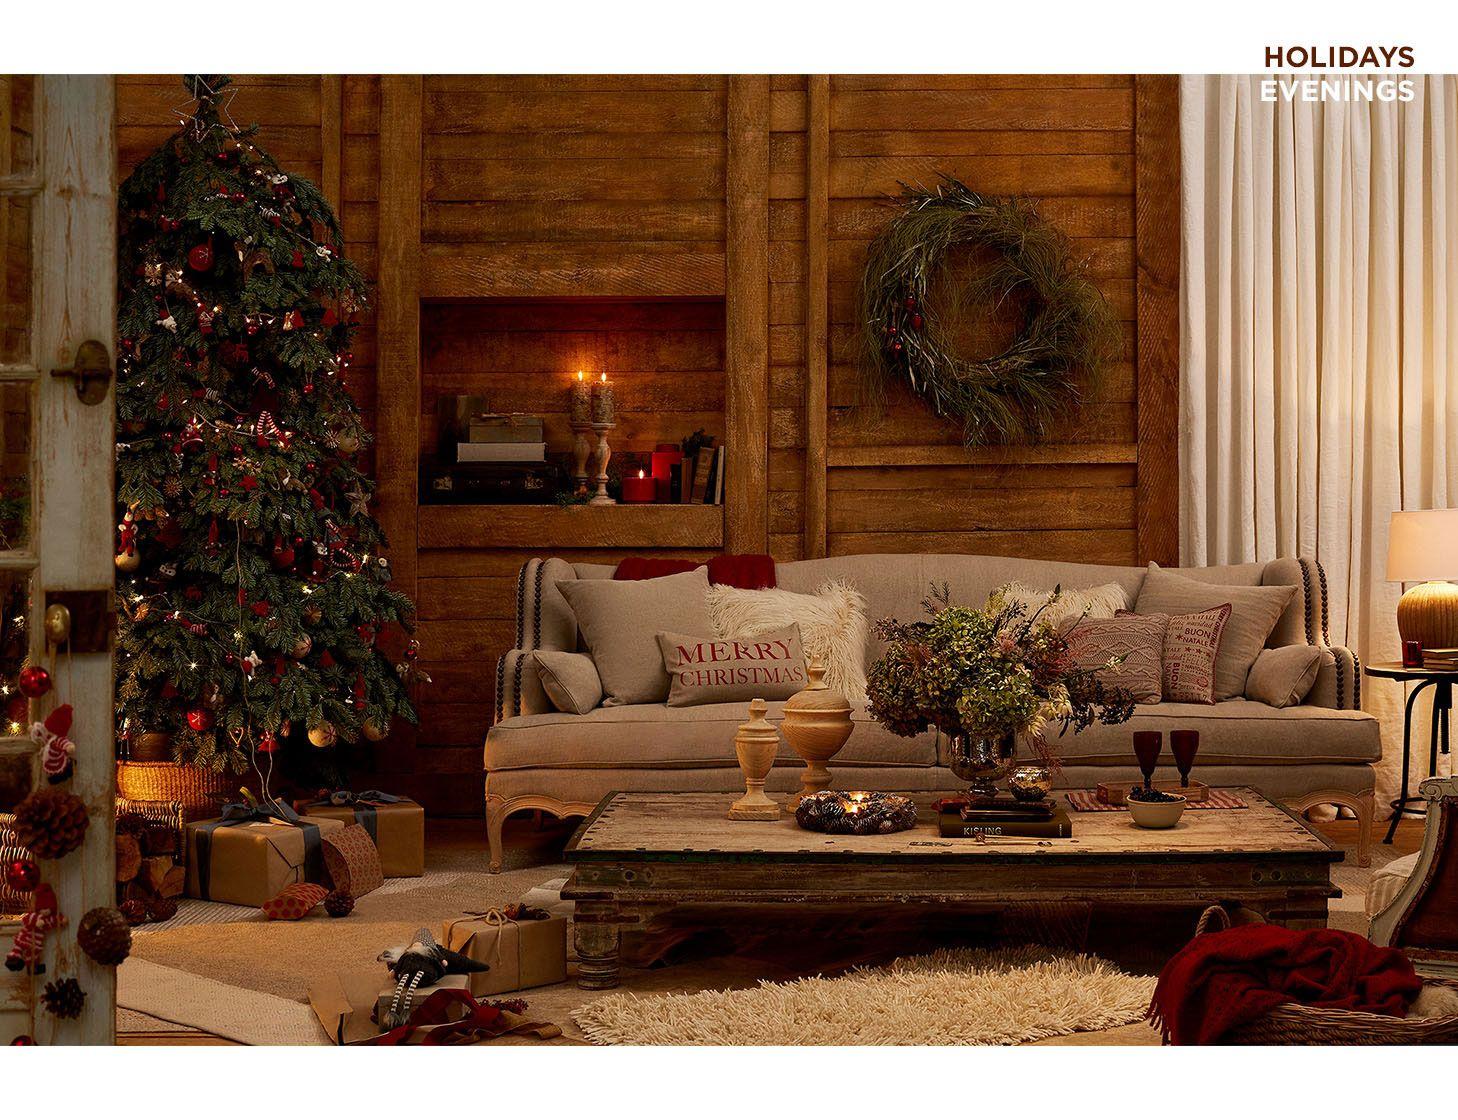 Decoración navideña al natural. Qué empiece la navidad! http://blgs ...